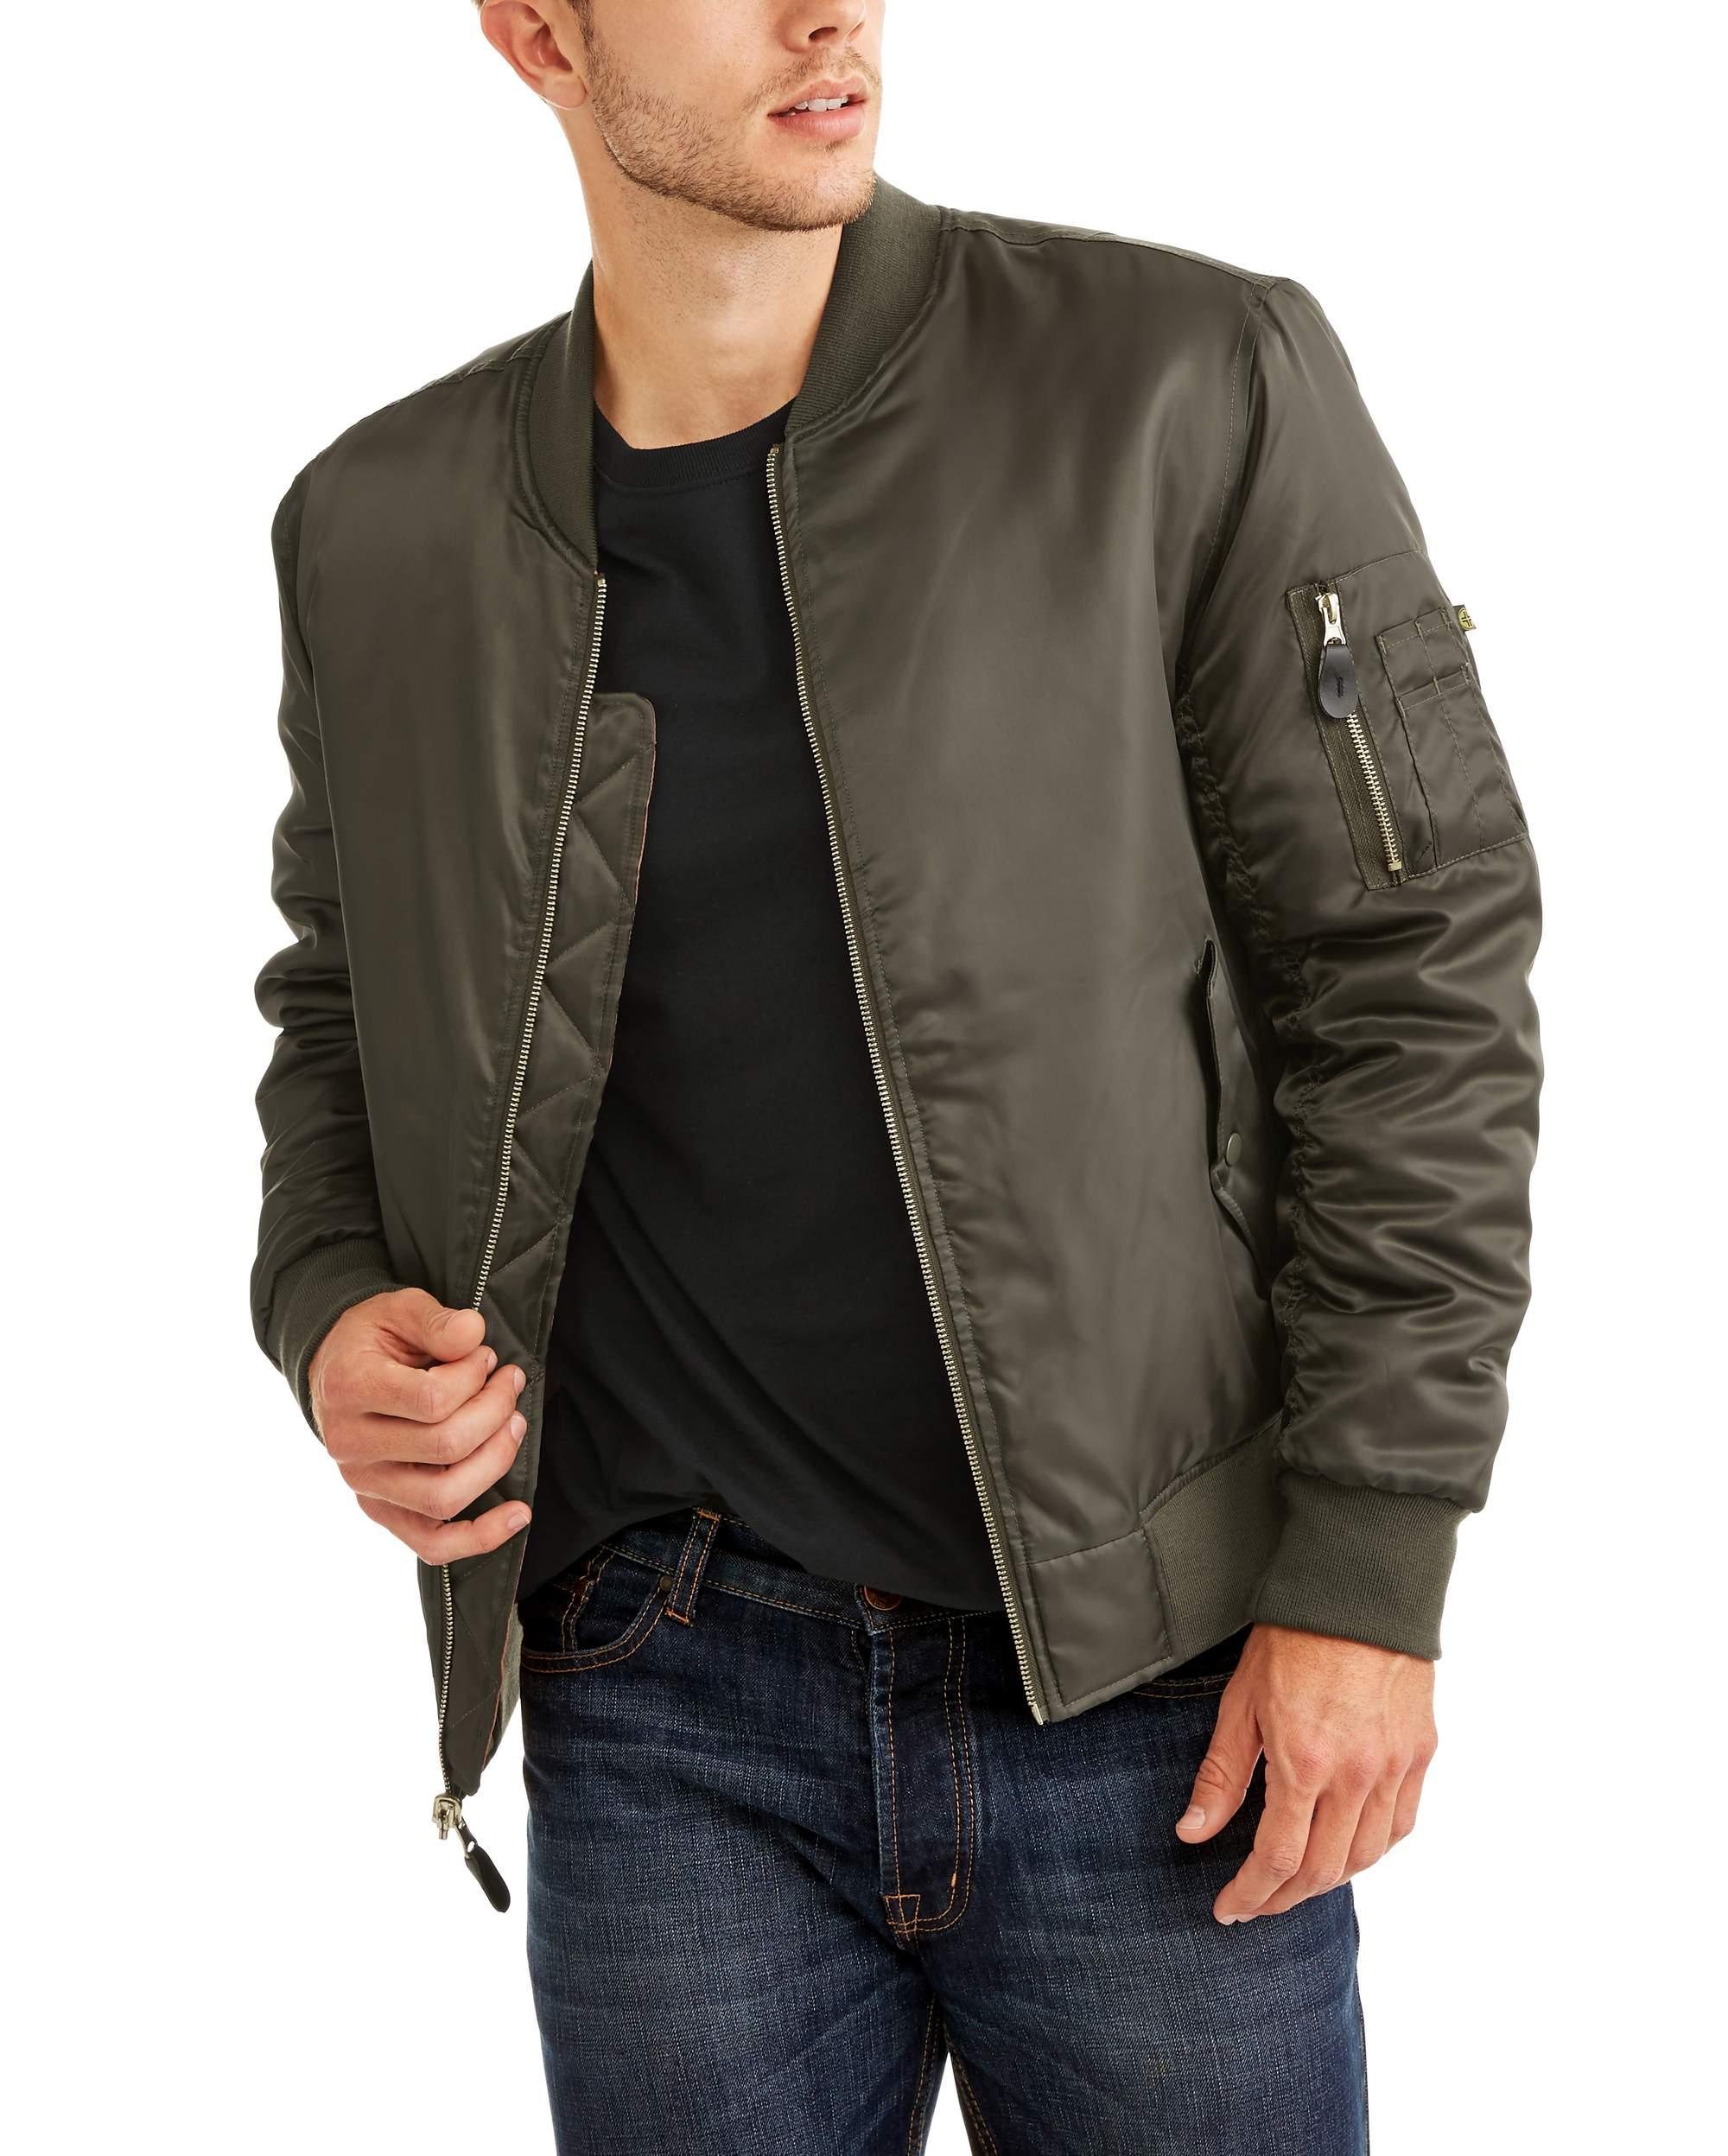 Men's Jackets & Outerwear - Walmart.com